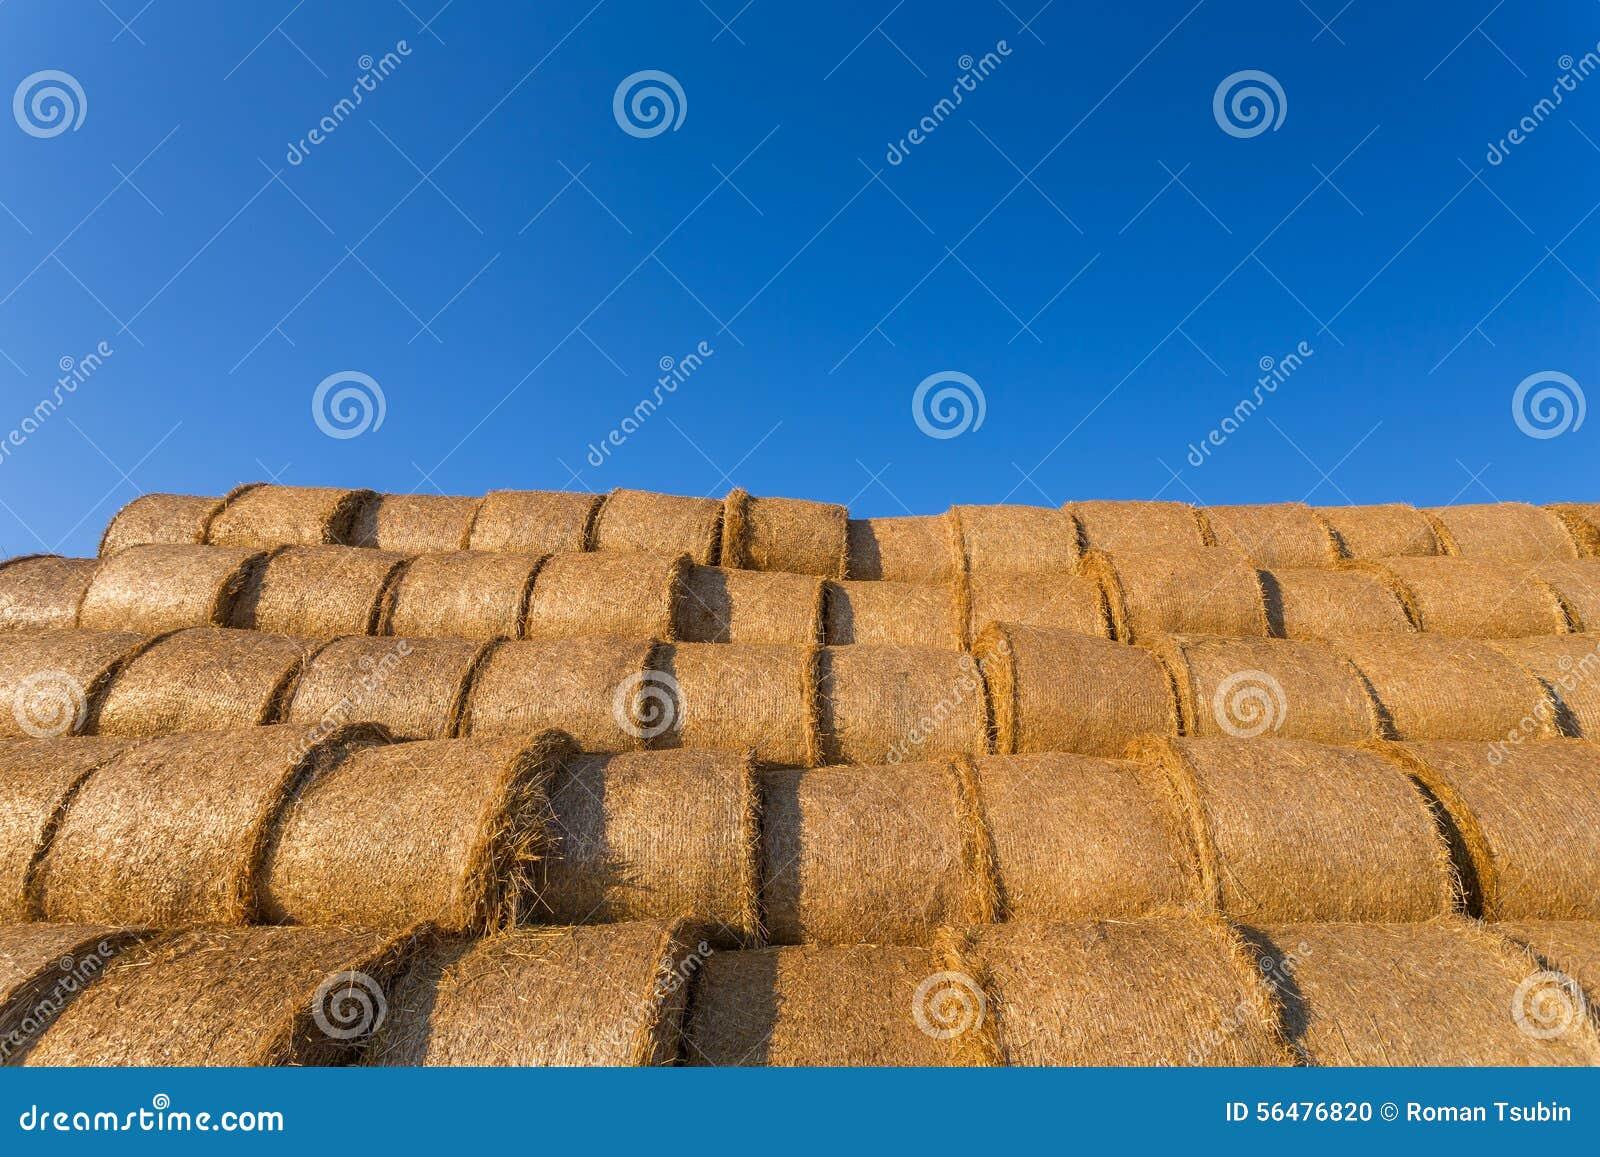 Balles de foin empilées sur un champ contre le ciel bleu